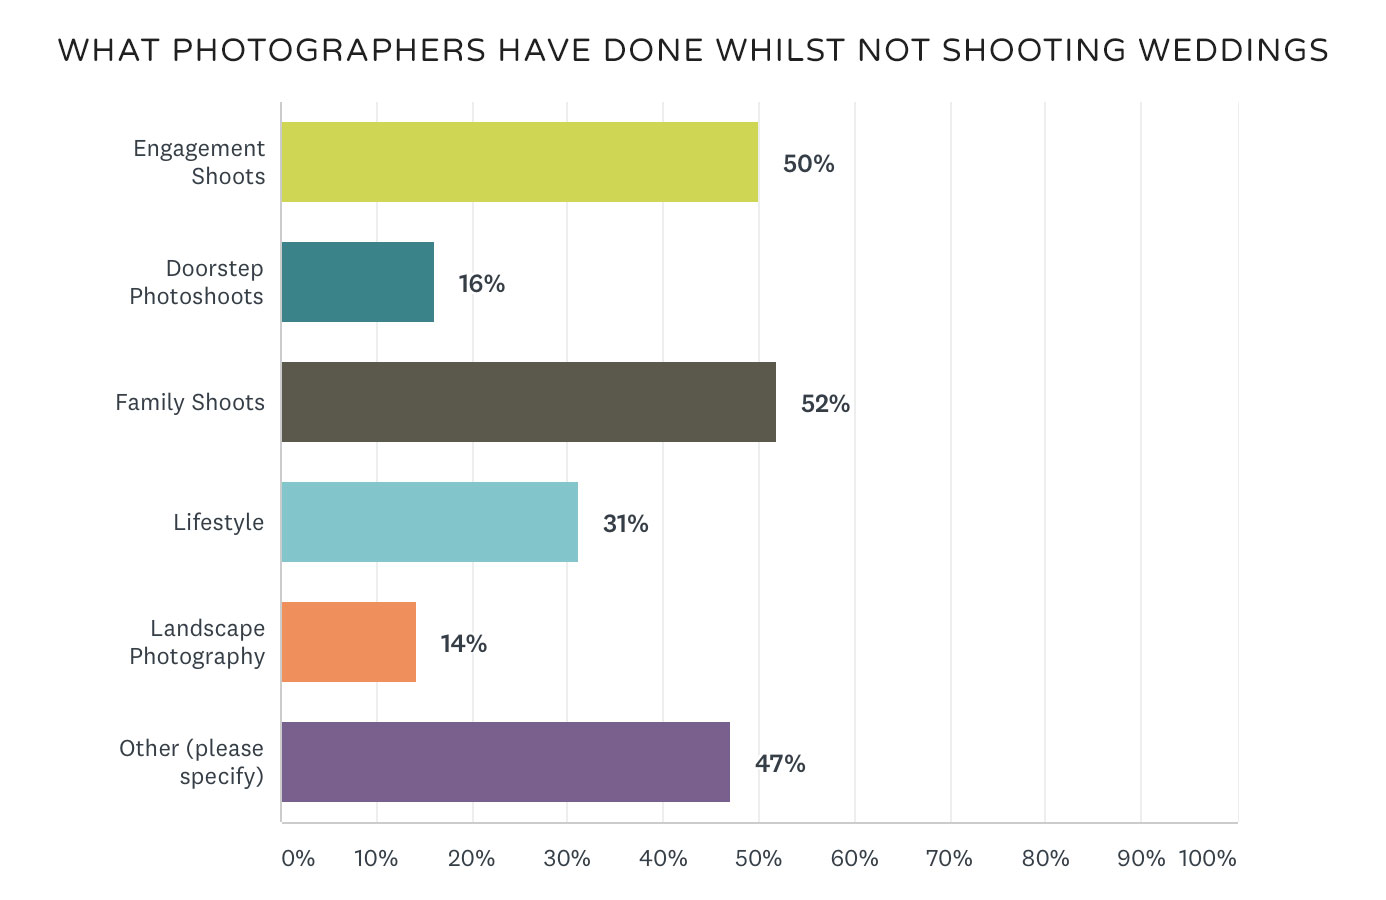 when photographers not shooting weddings